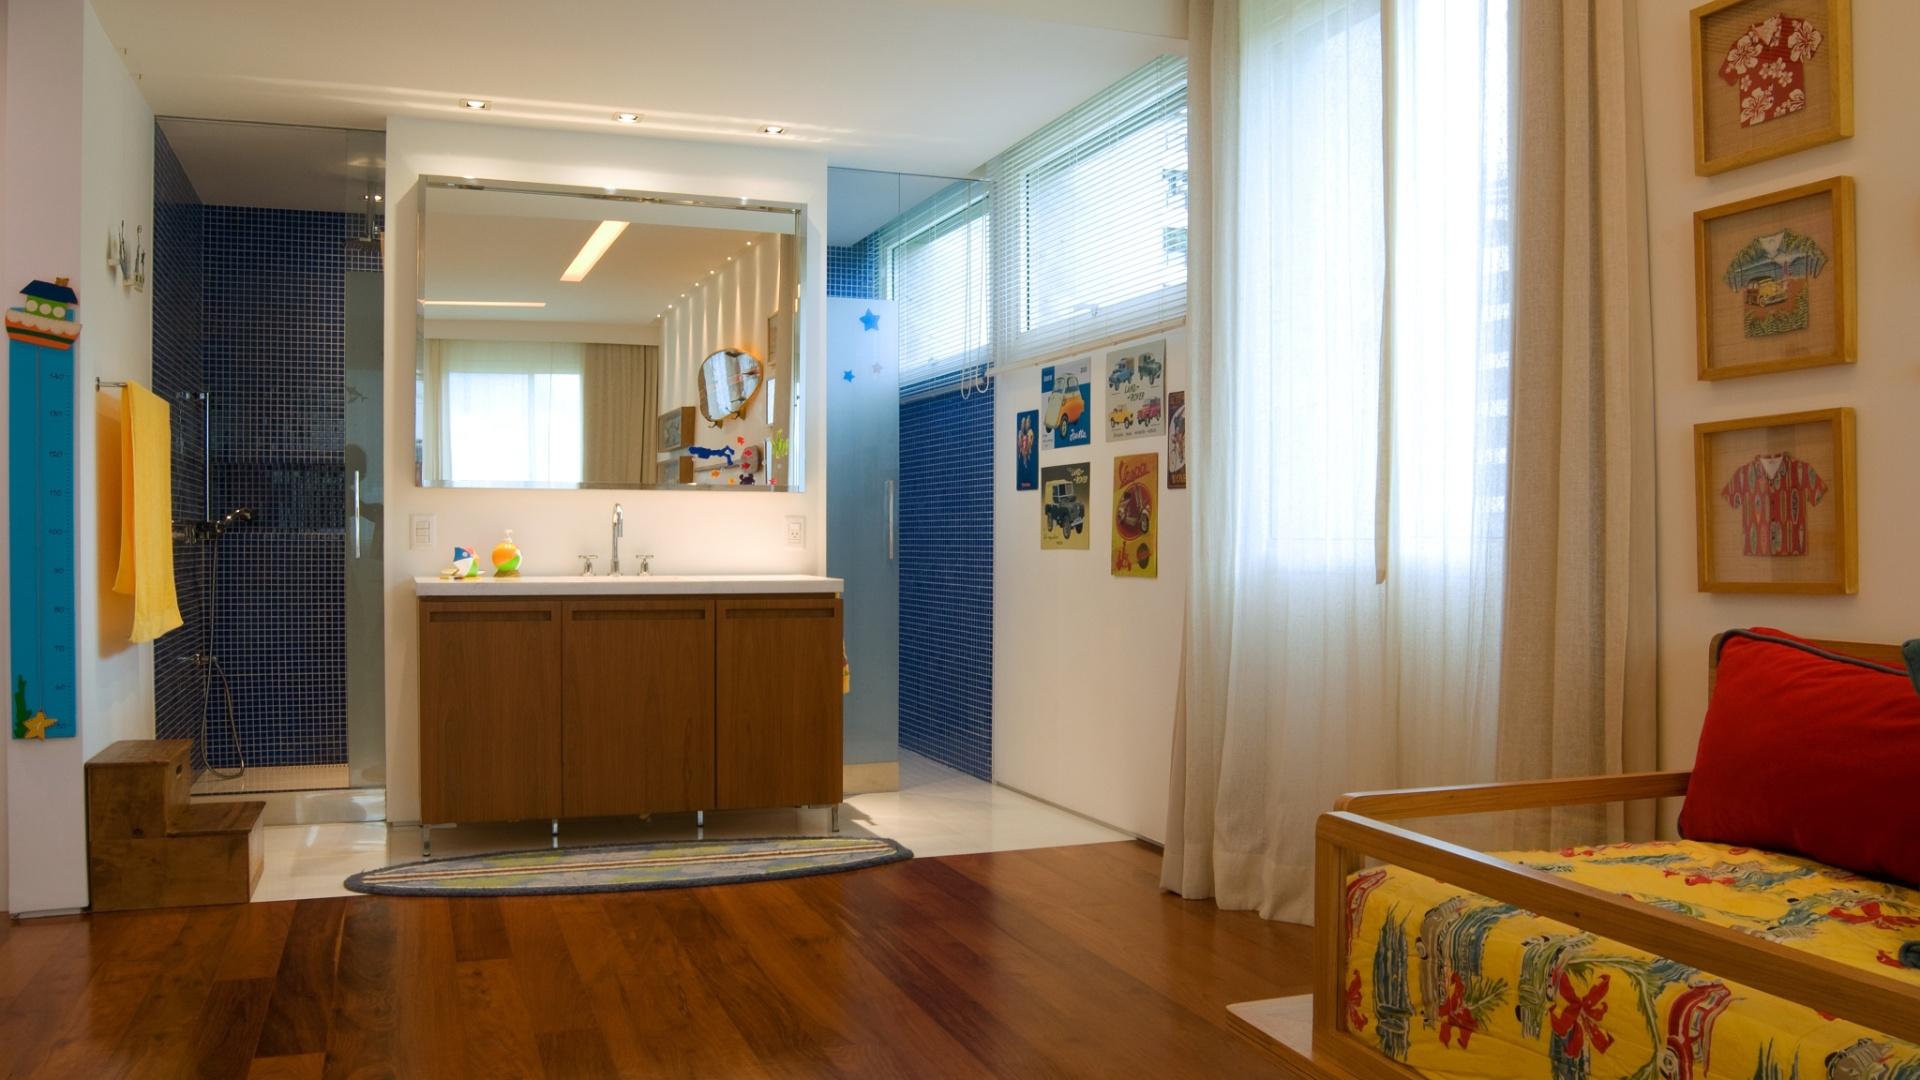 Bancada estruturada em madeira com cuba Deca e aromatizantes completam #6B3610 1920x1080 Bancada Banheiro Rj